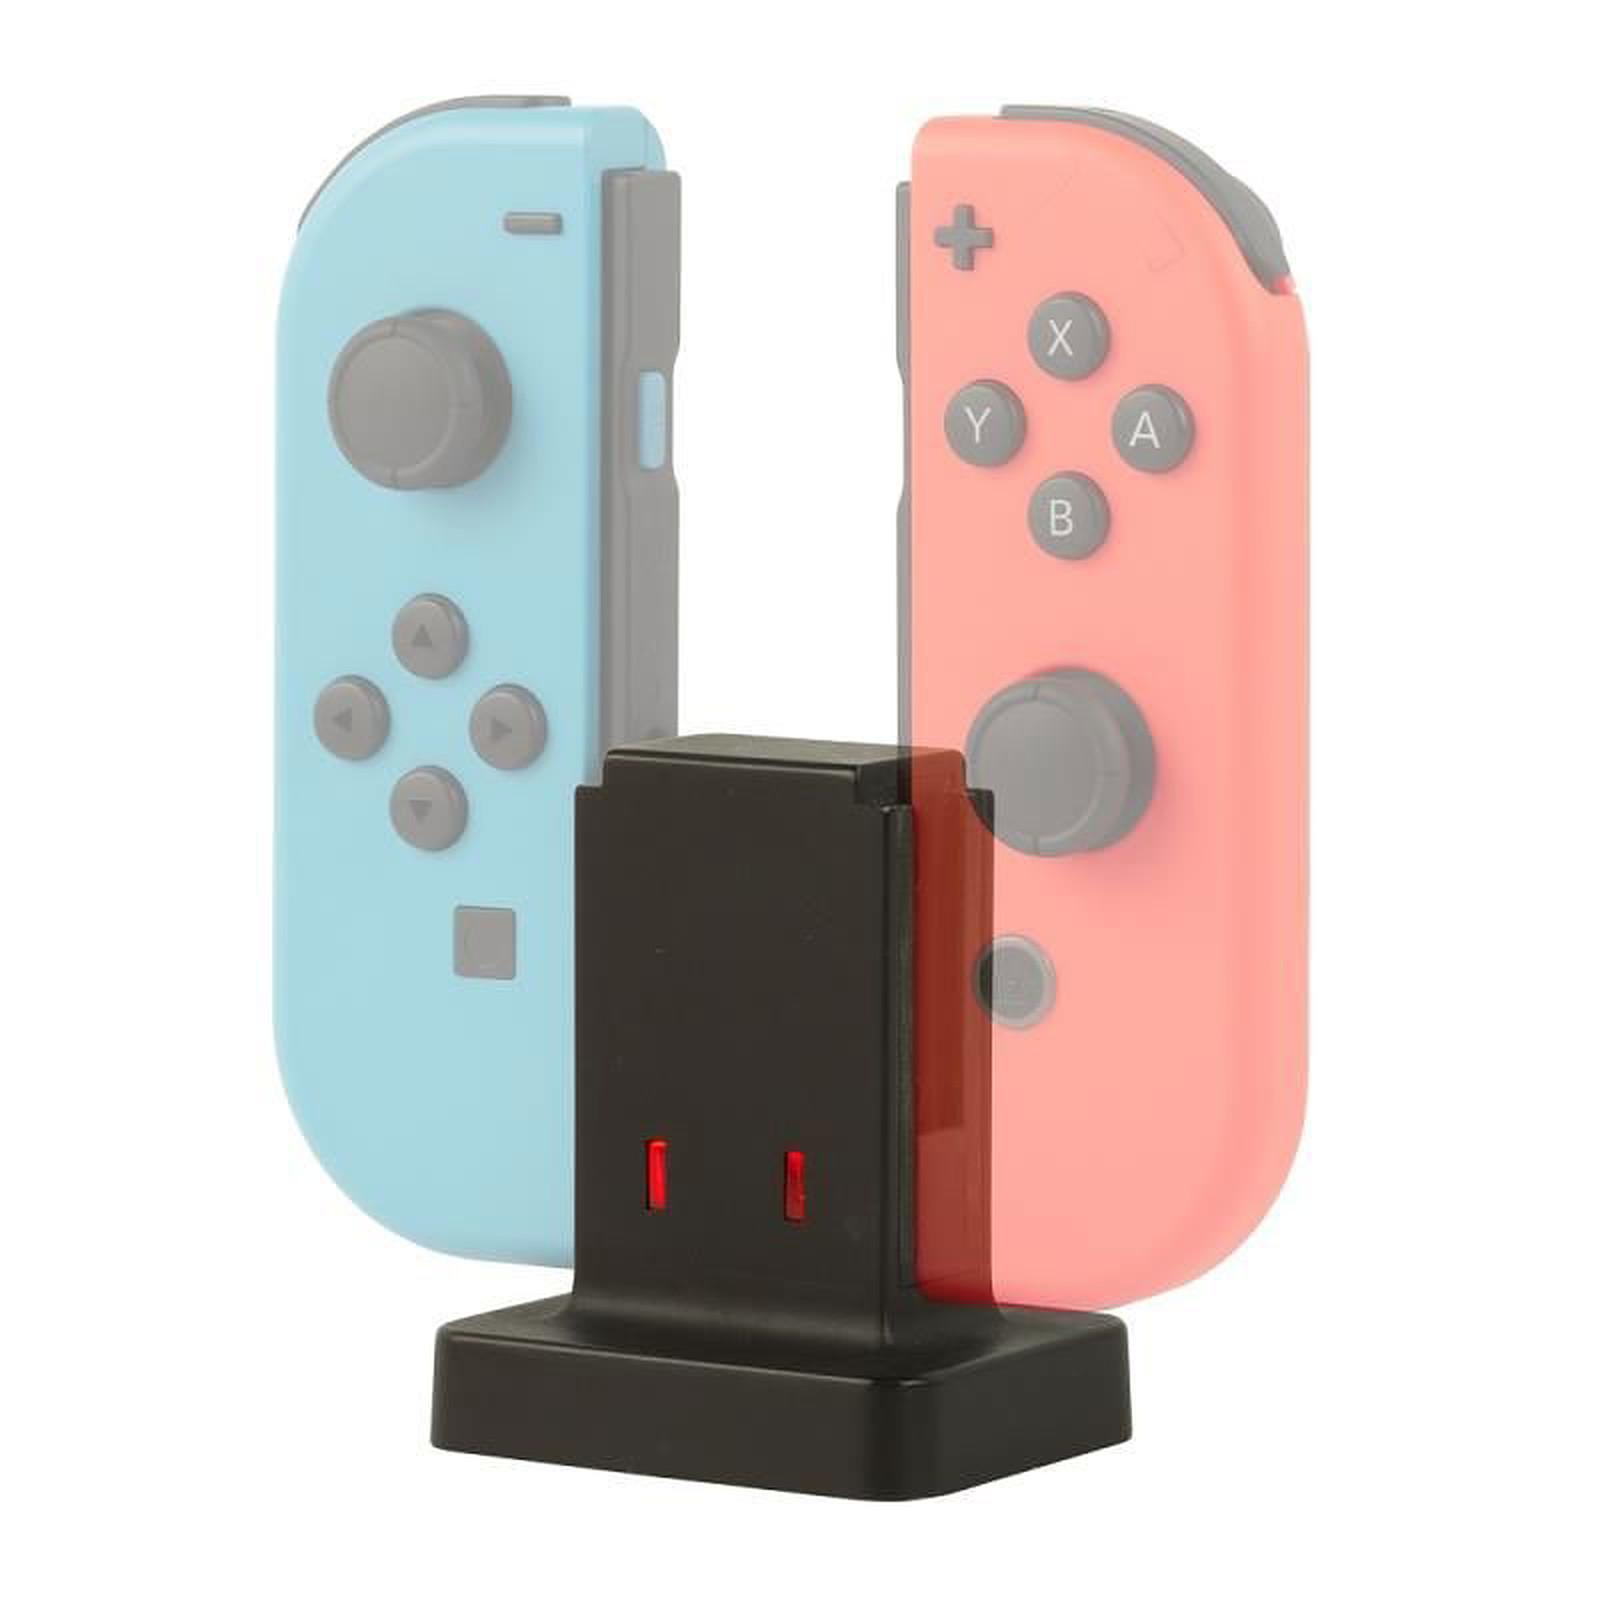 Konix Switch Dual Joy-Con Charge Base